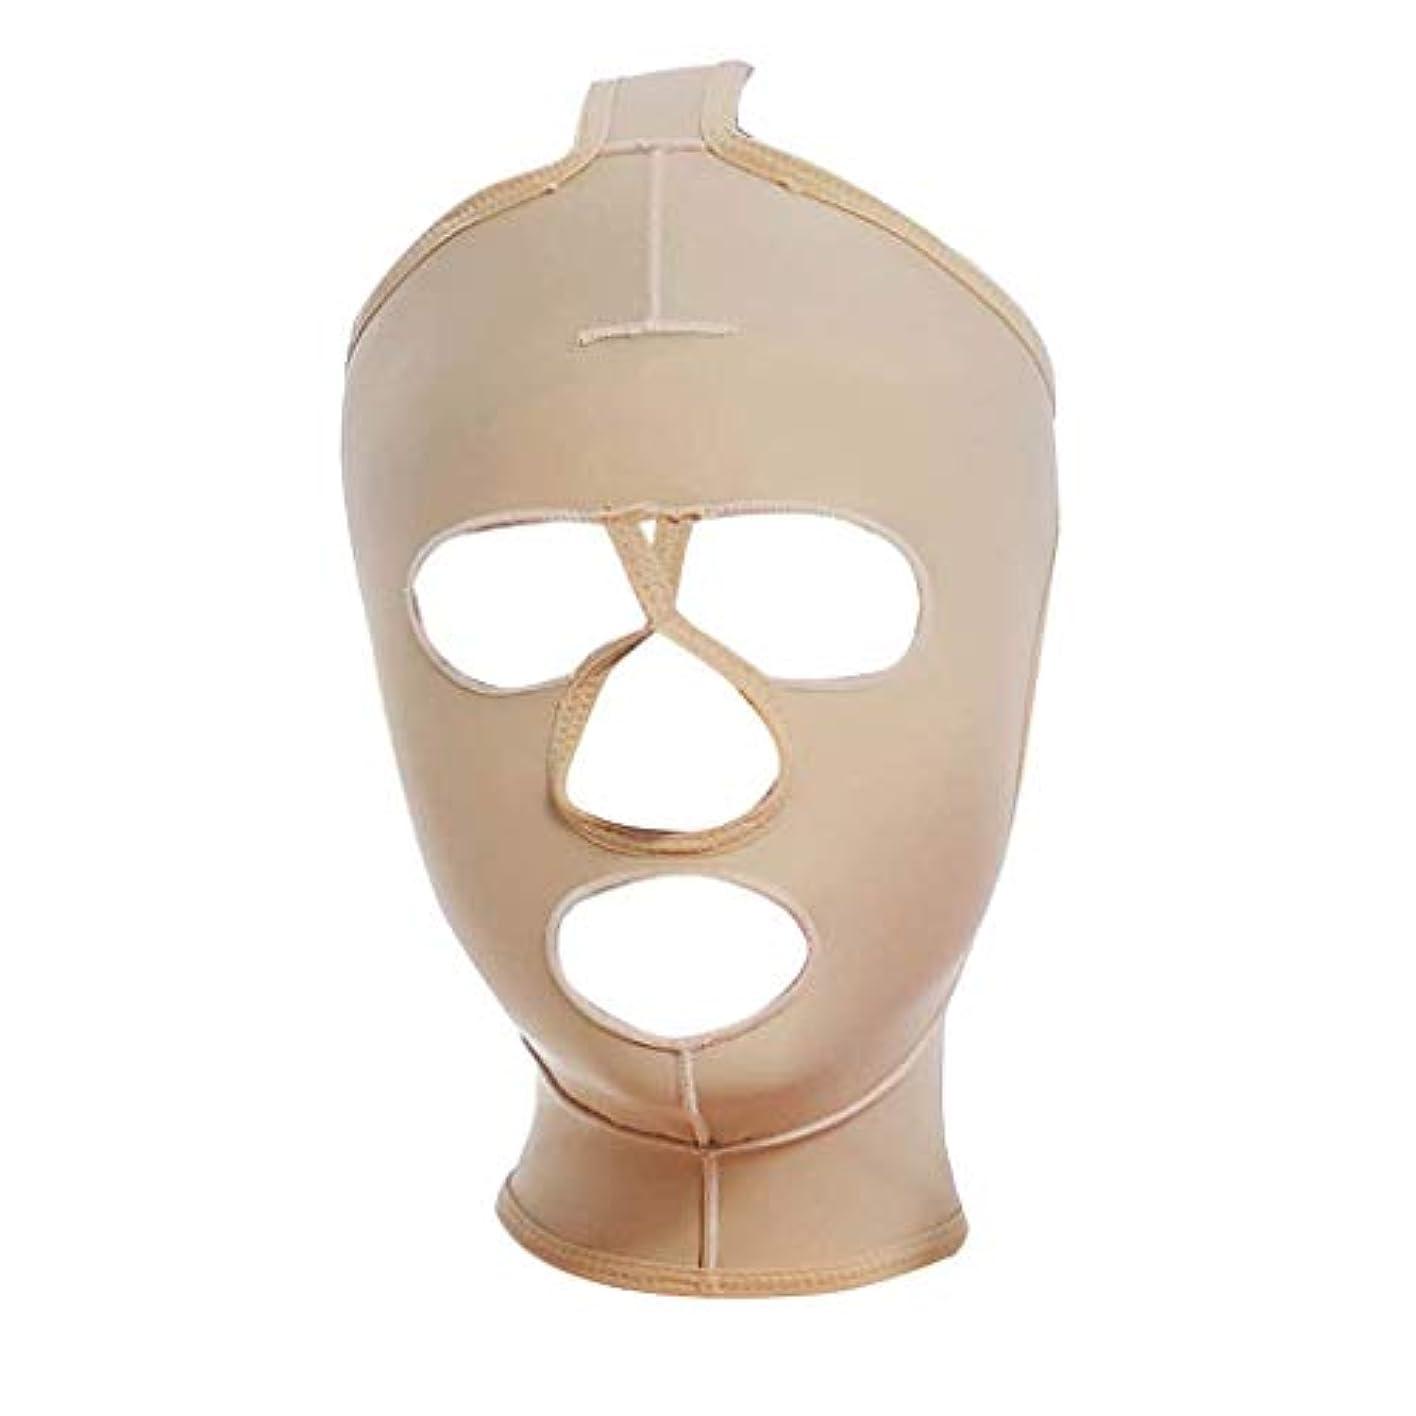 移行する冷凍庫フルートフェイス&ネックリフト、減量フェイスマスク脂肪吸引術脂肪吸引術整形マスクフードフェイスリフティングアーティファクトVフェイスビームフェイス弾性スリーブ(サイズ:XXL),S